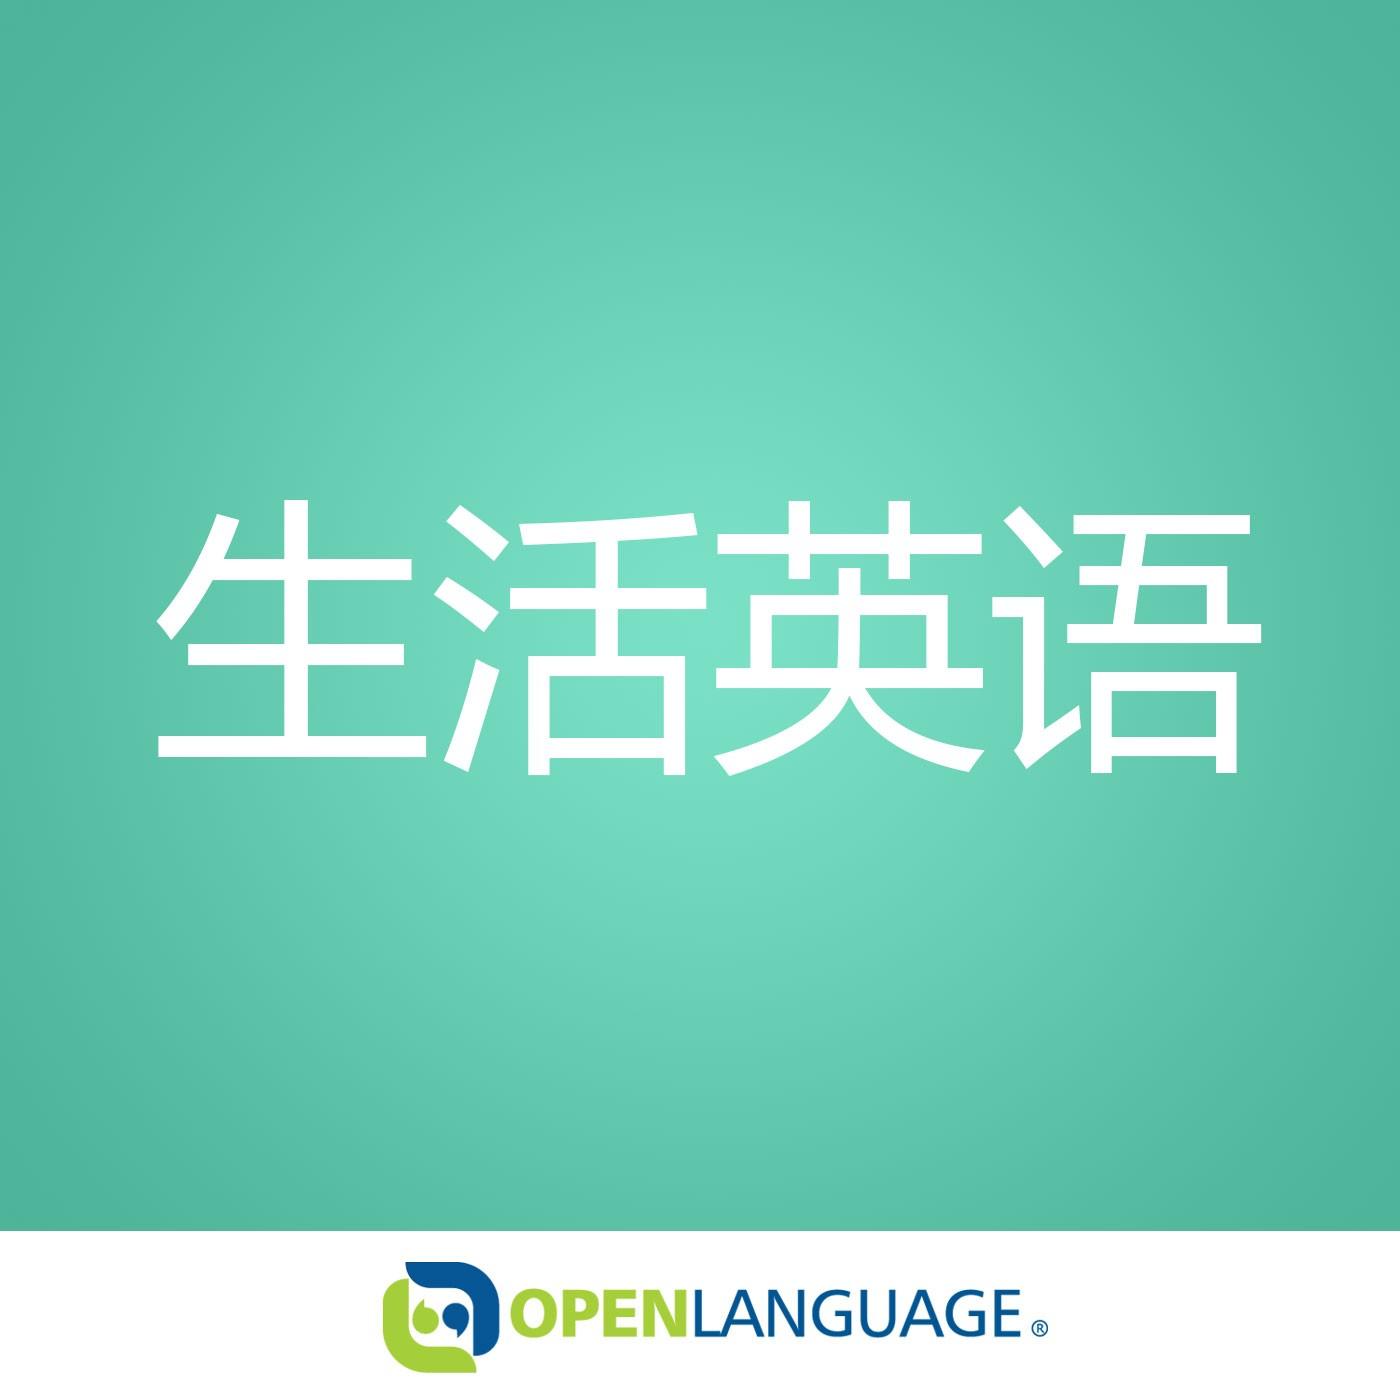 朗文welcome to English 2b